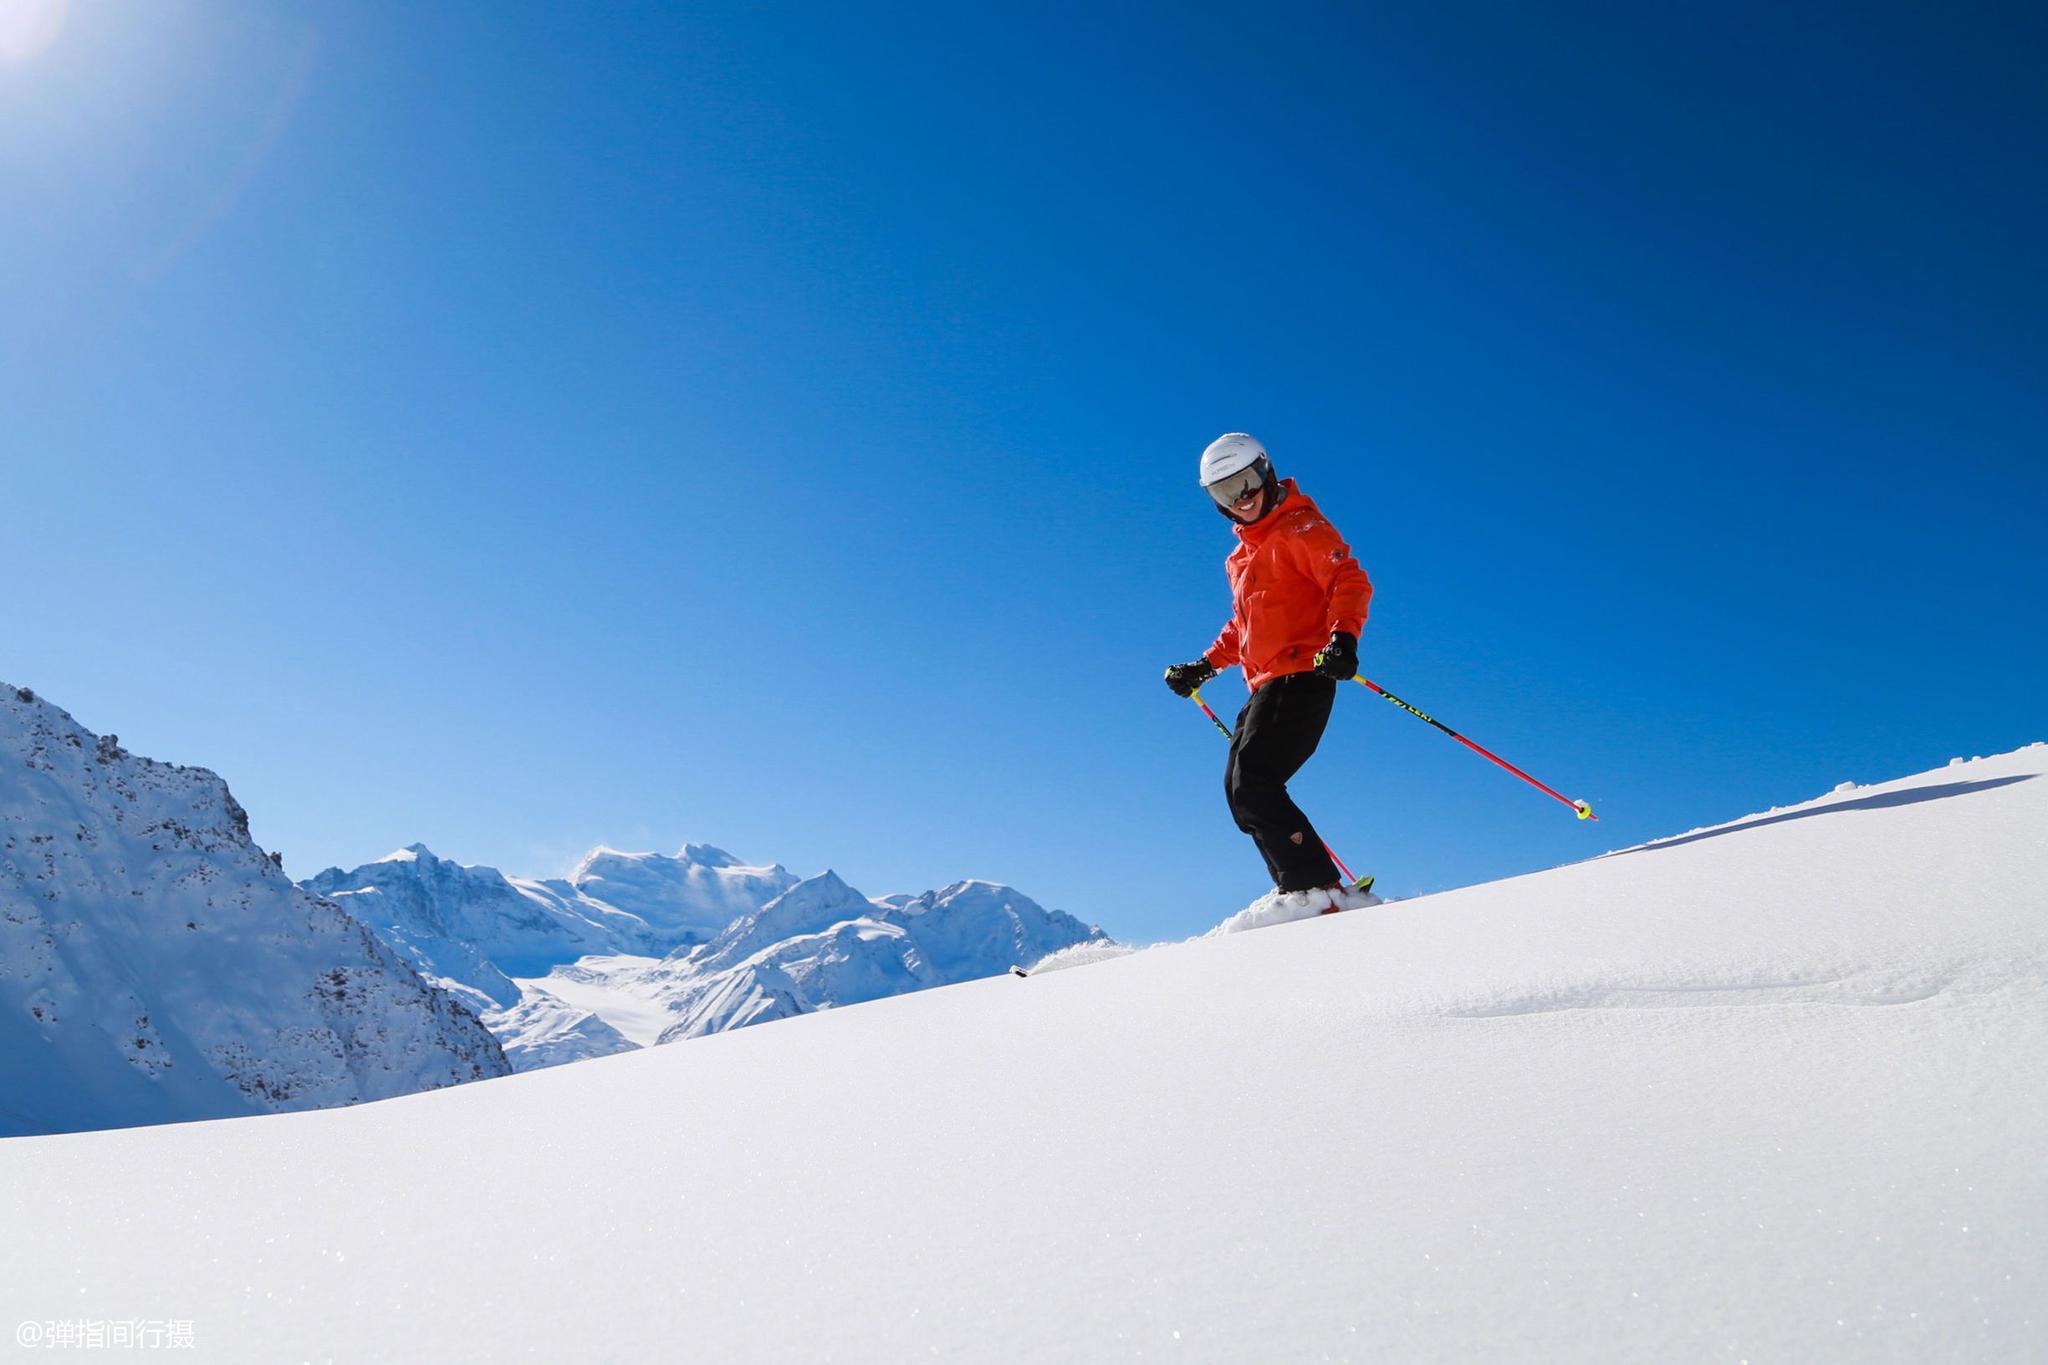 他曾是中国焊接工人,后改学滑雪自学语言,如今成为瑞士滑雪教练